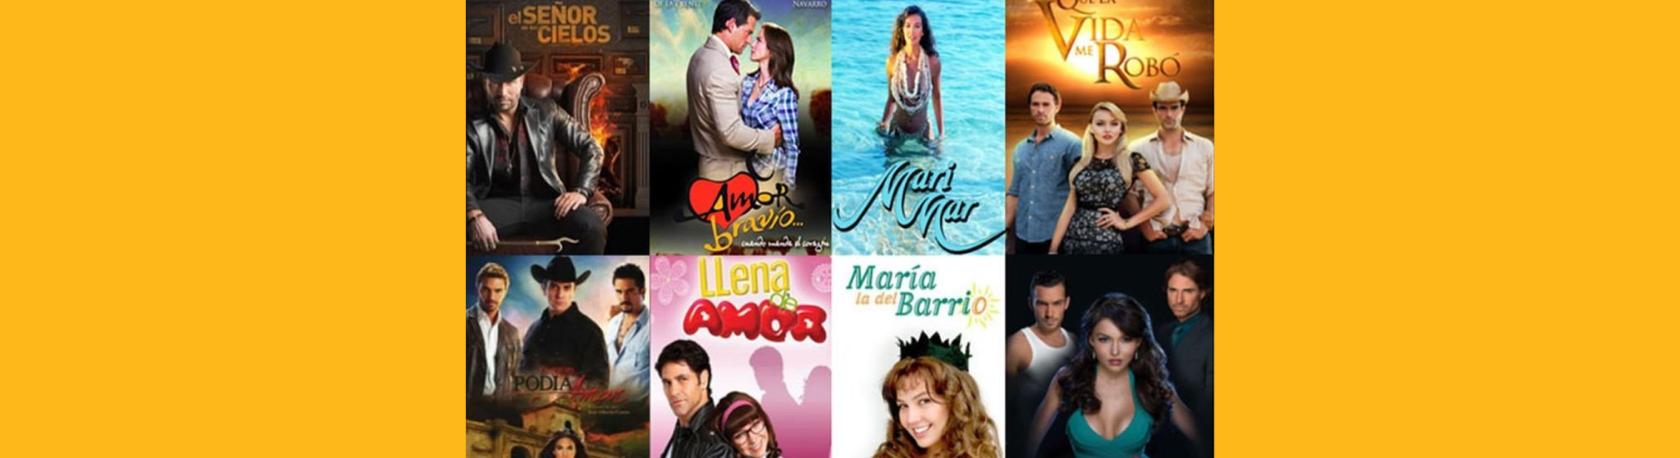 Easy Podcast: Las telenovelas y el aprendizaje de español - Easy Español